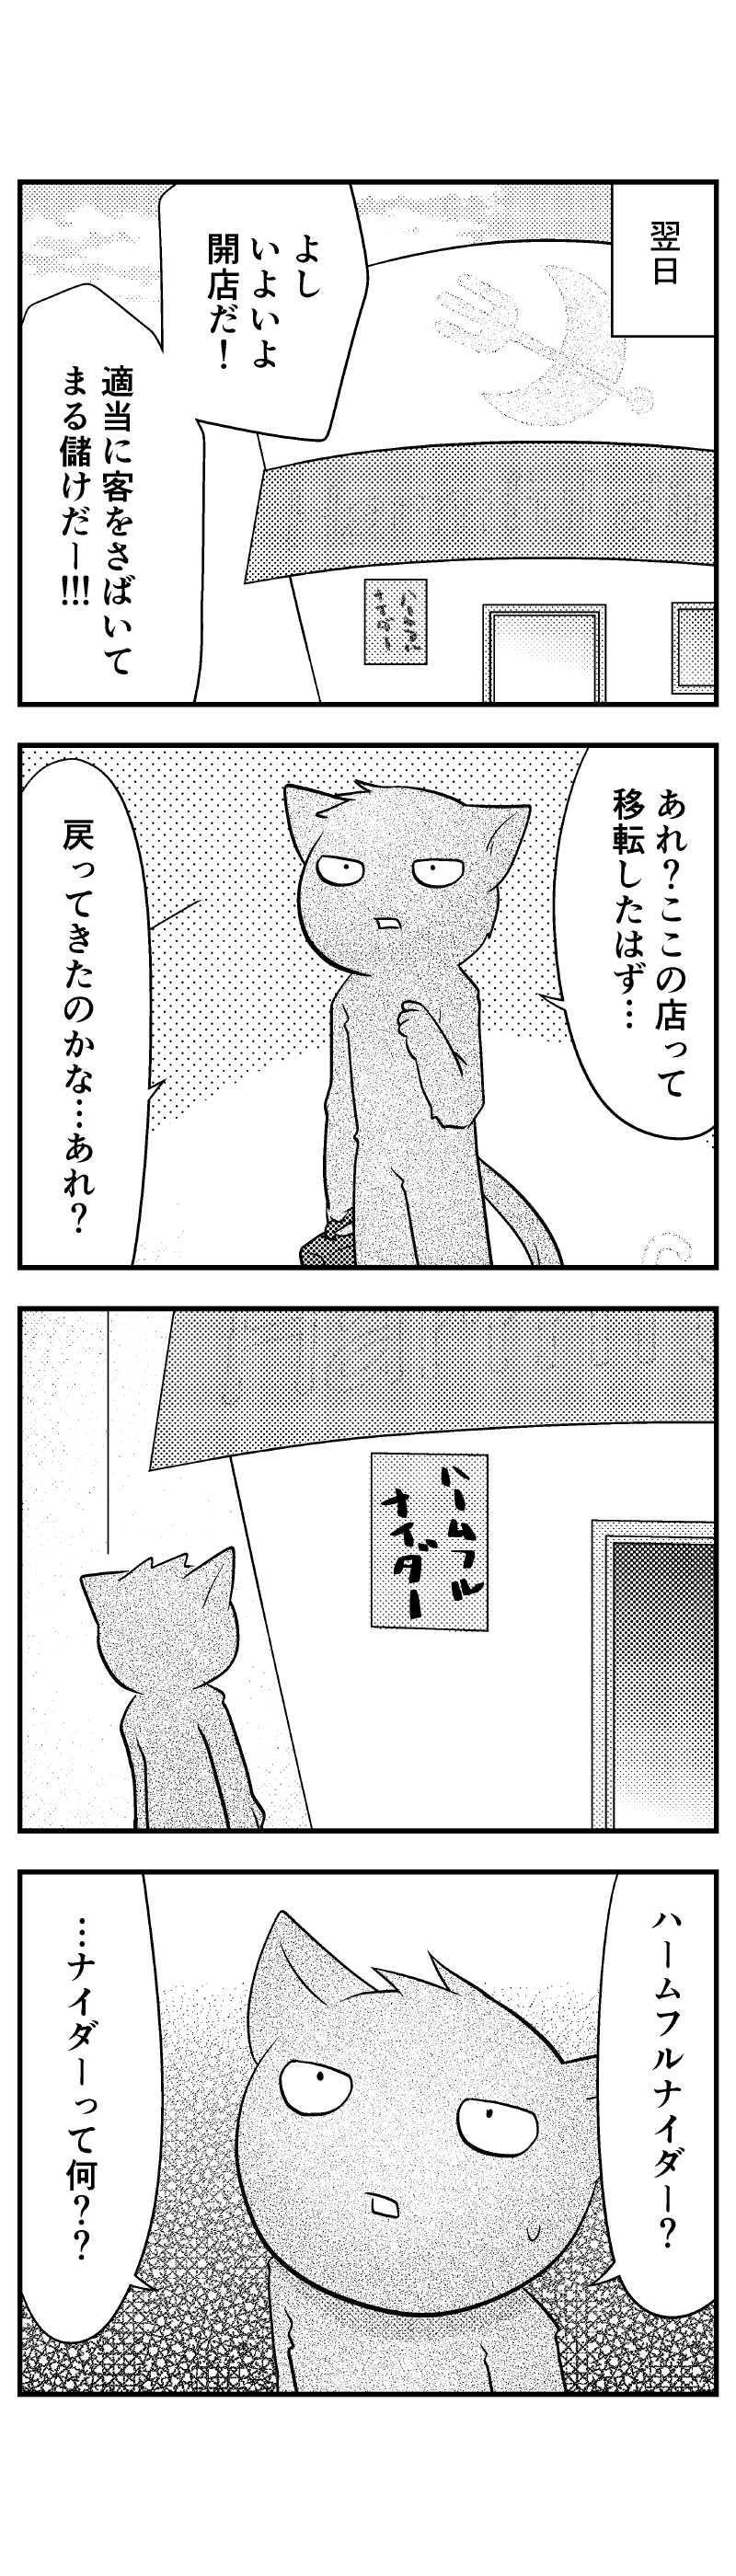 051 模範泥棒